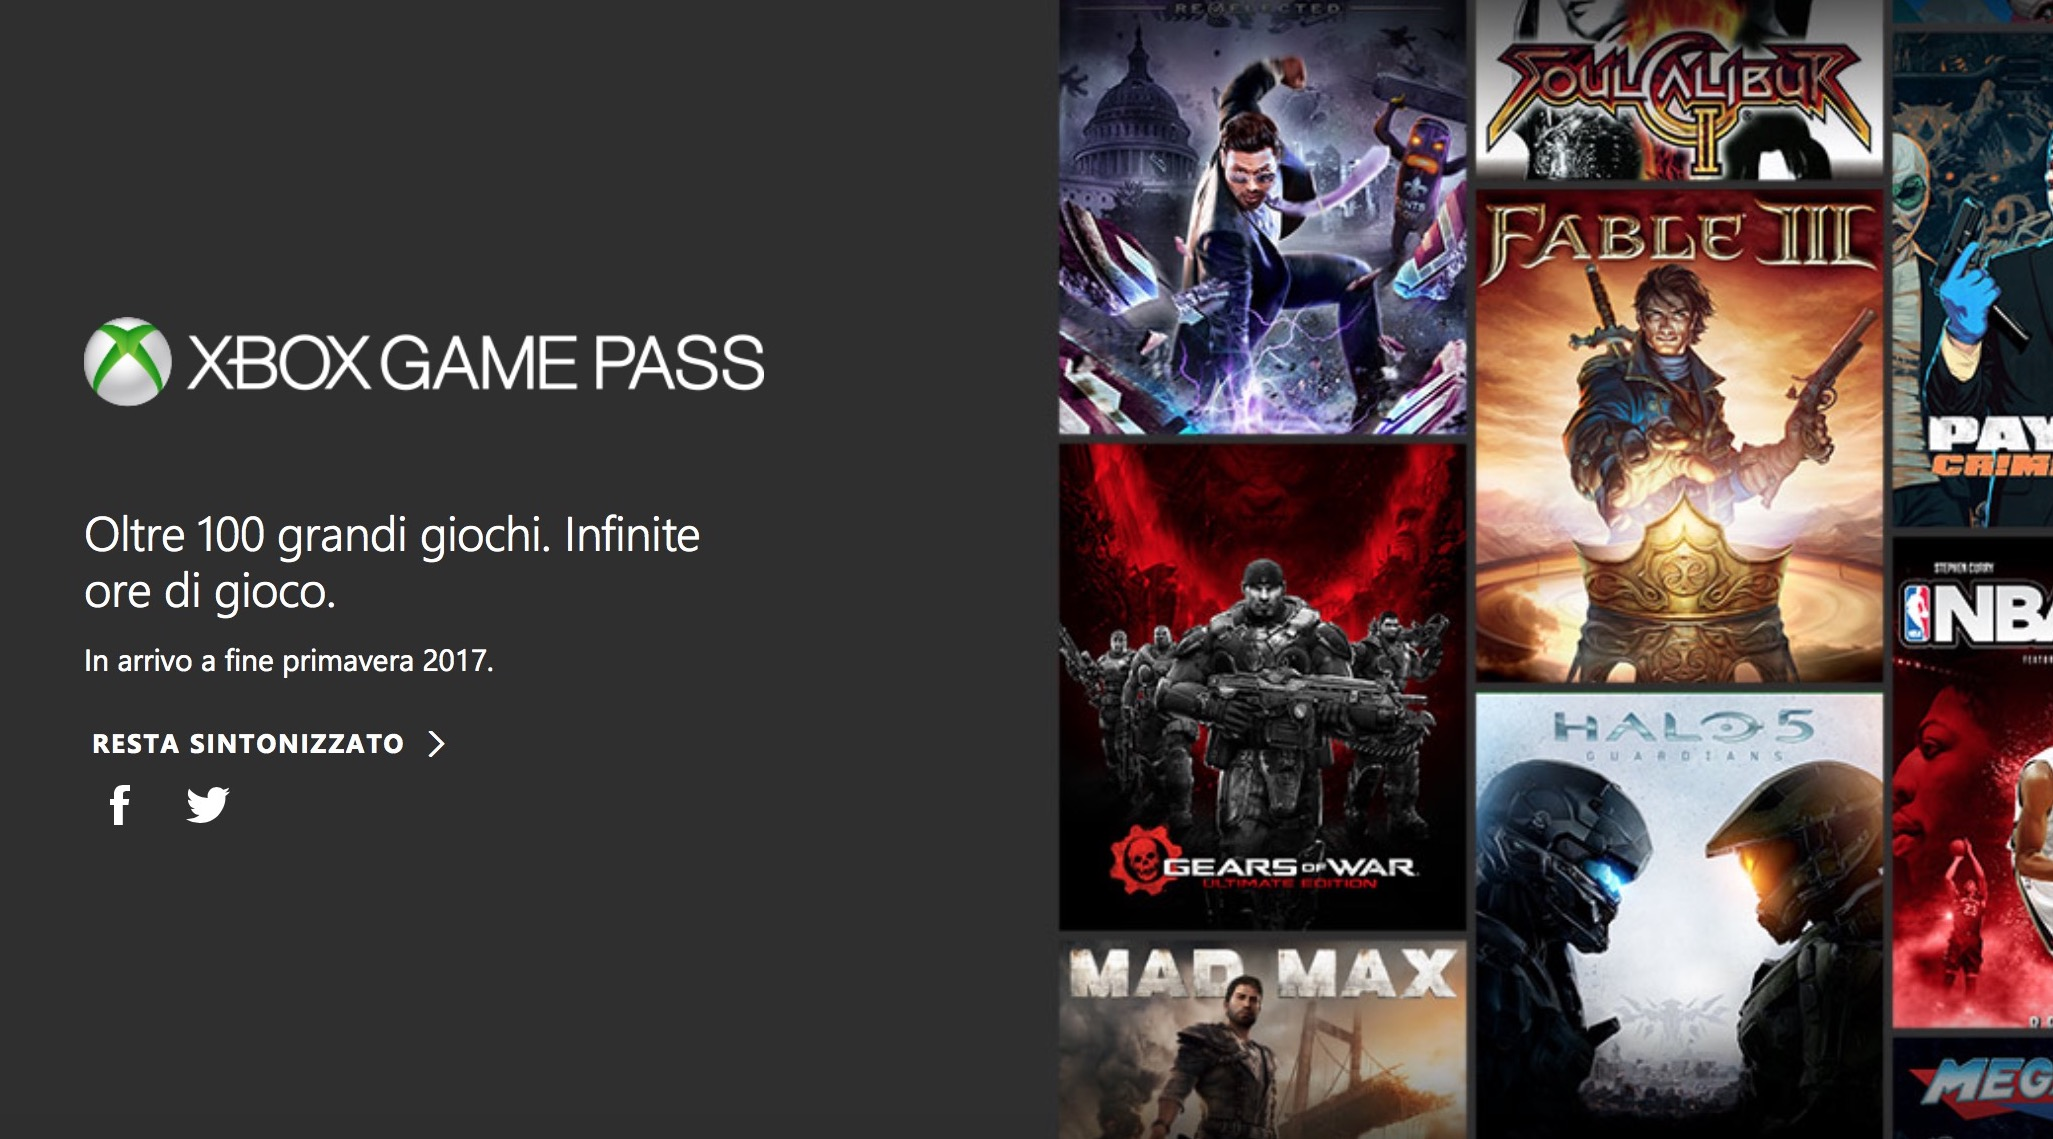 Xbox Game Pass arriva in Italia: accesso illimitato ad oltre 100 giochi